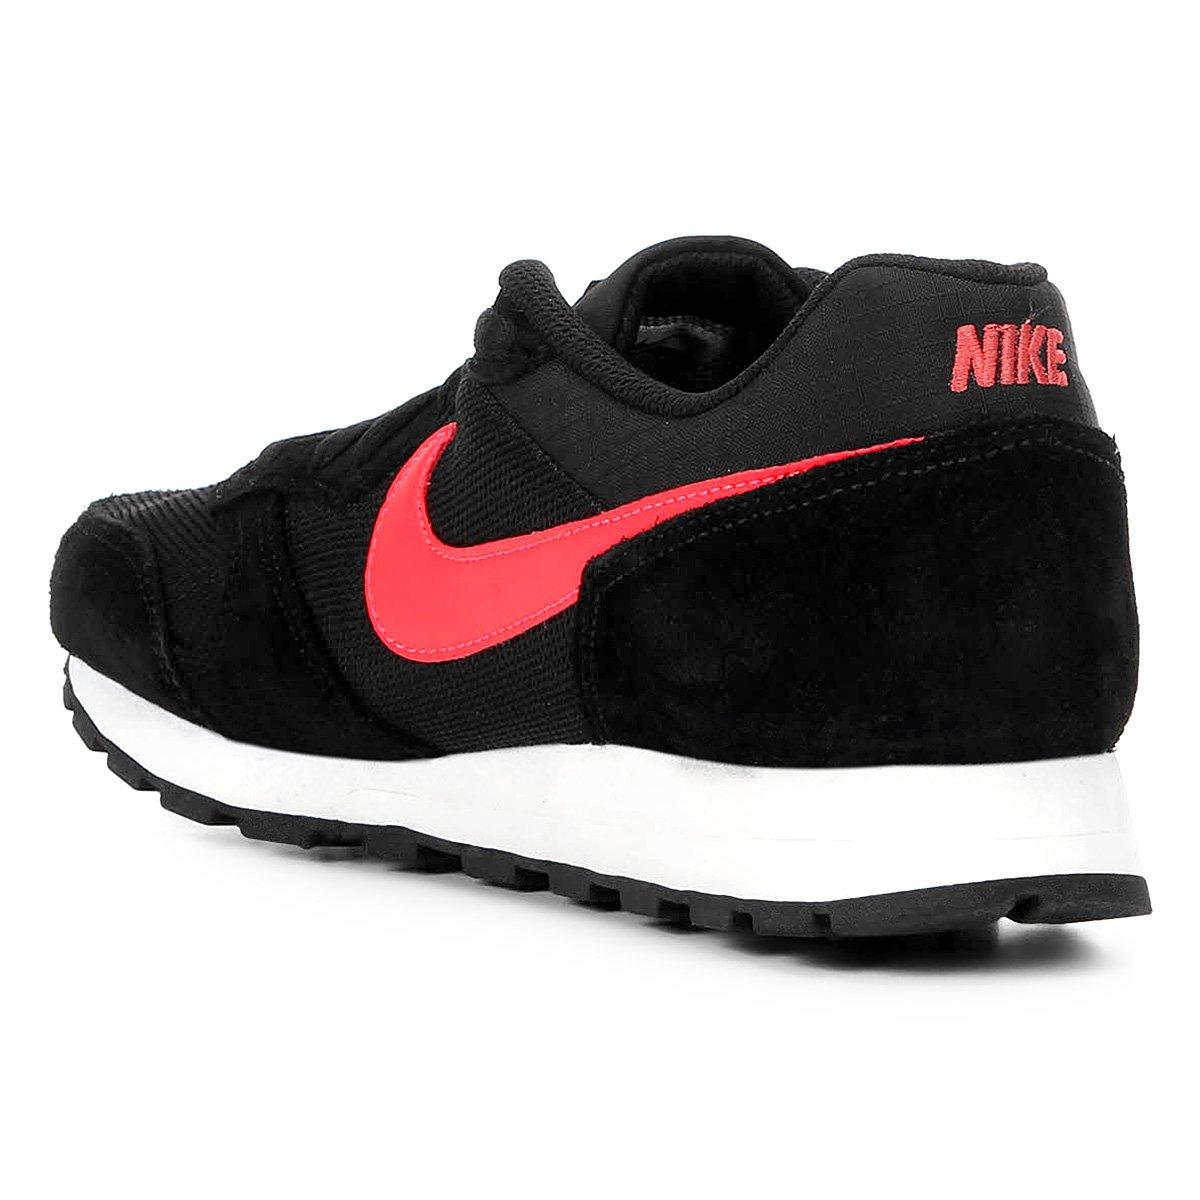 Tênis Nike Md Runner 2 Masculino - Preto e Vermelho - Compre Agora ... 451b6ab815823